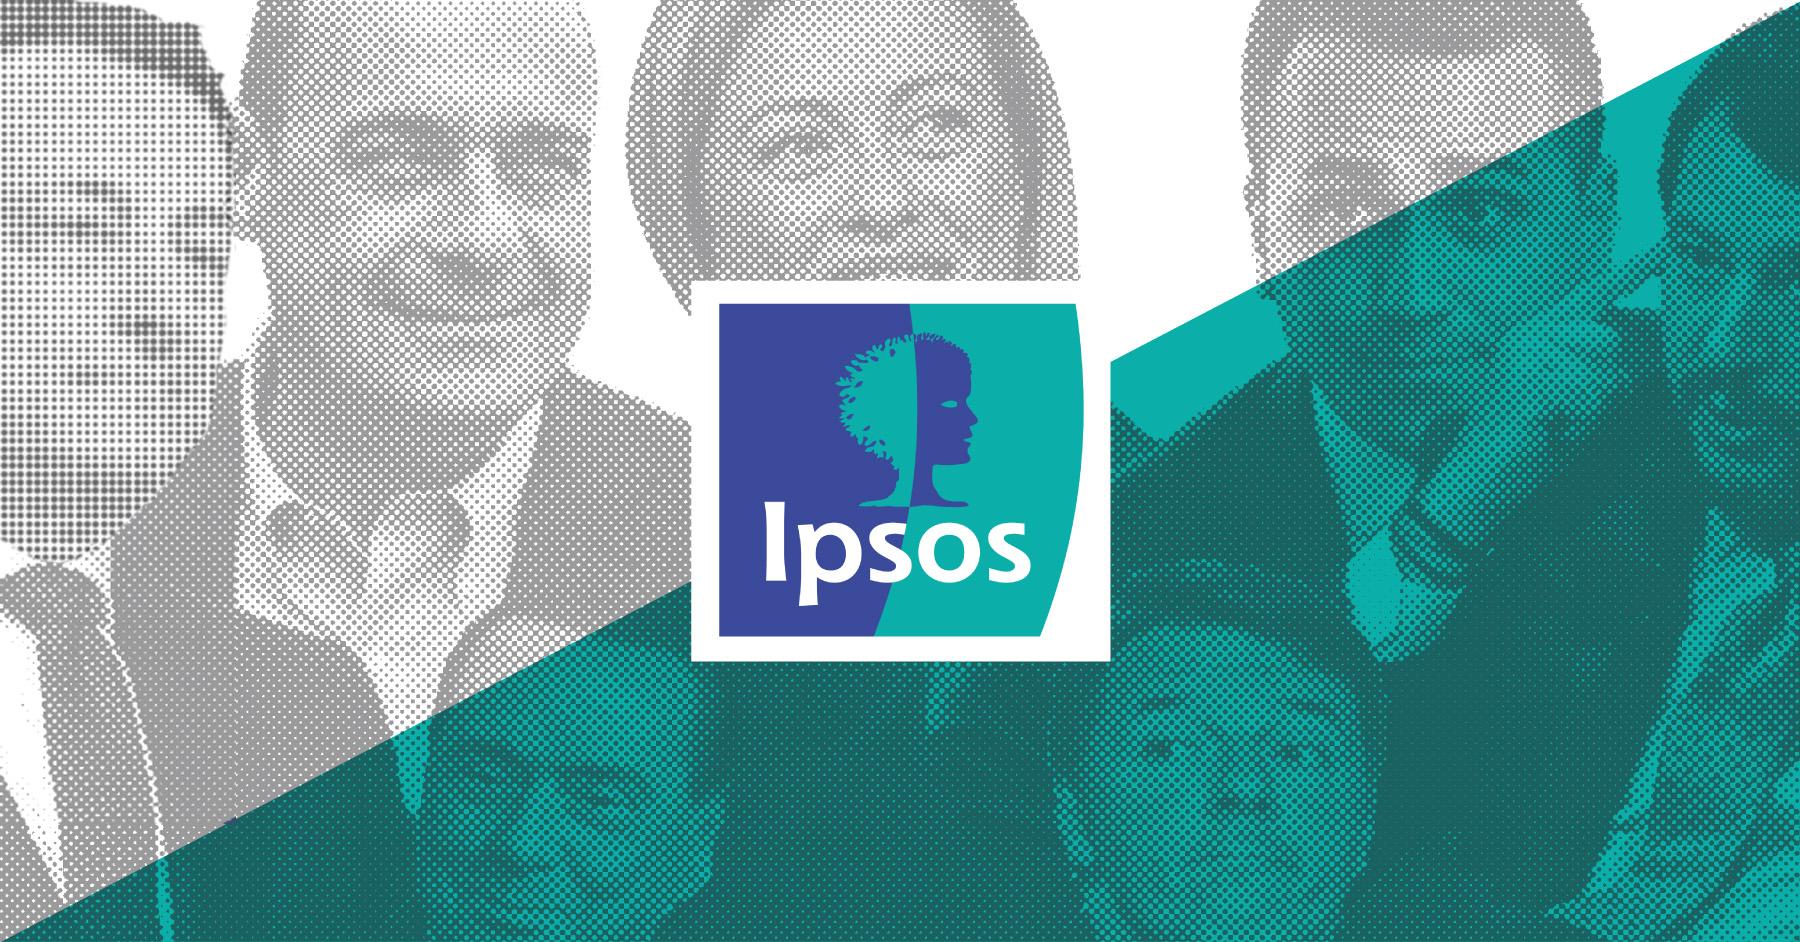 sondaggi politici, ultimi sondaggi ipsos, sondaggi elettorali ipsos